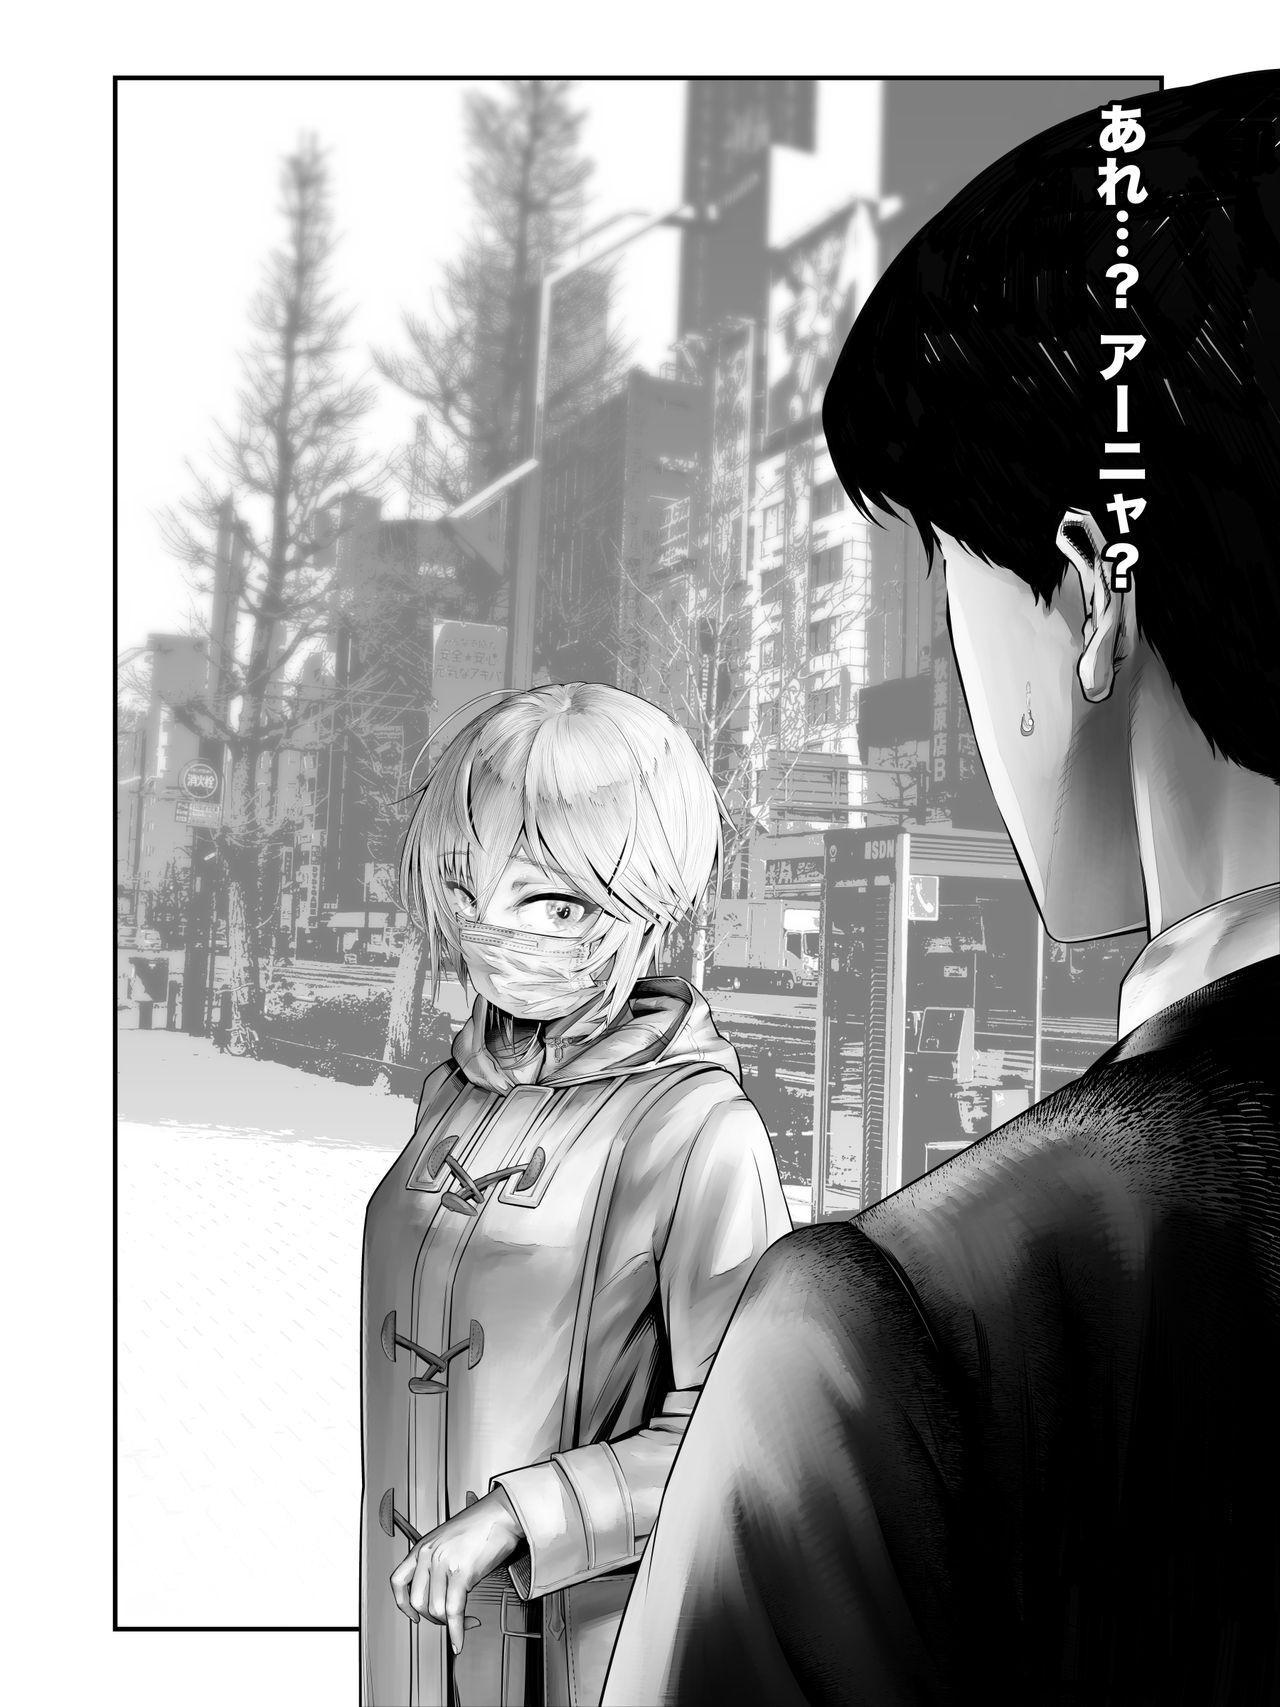 Kanzenba/P 「Sochira no kata wa…?」?「Chissu, ore otoutosu」 9